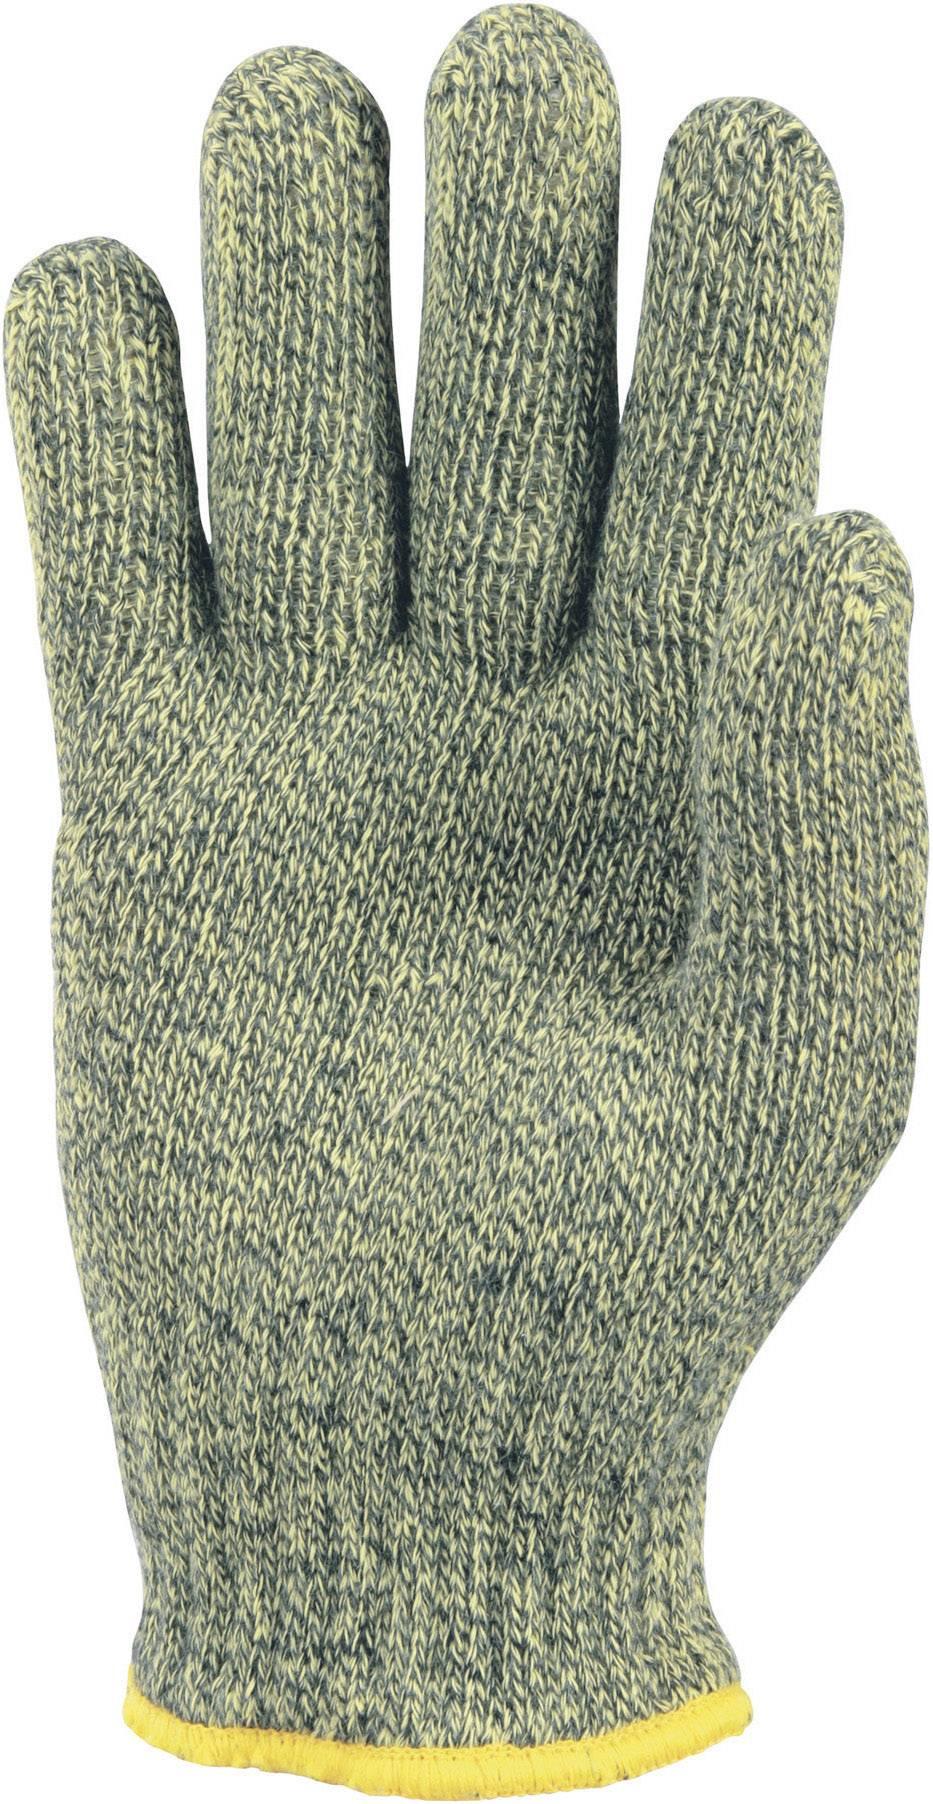 Žiaruvzdorné rukavice KCL 950, Veľkosť 10